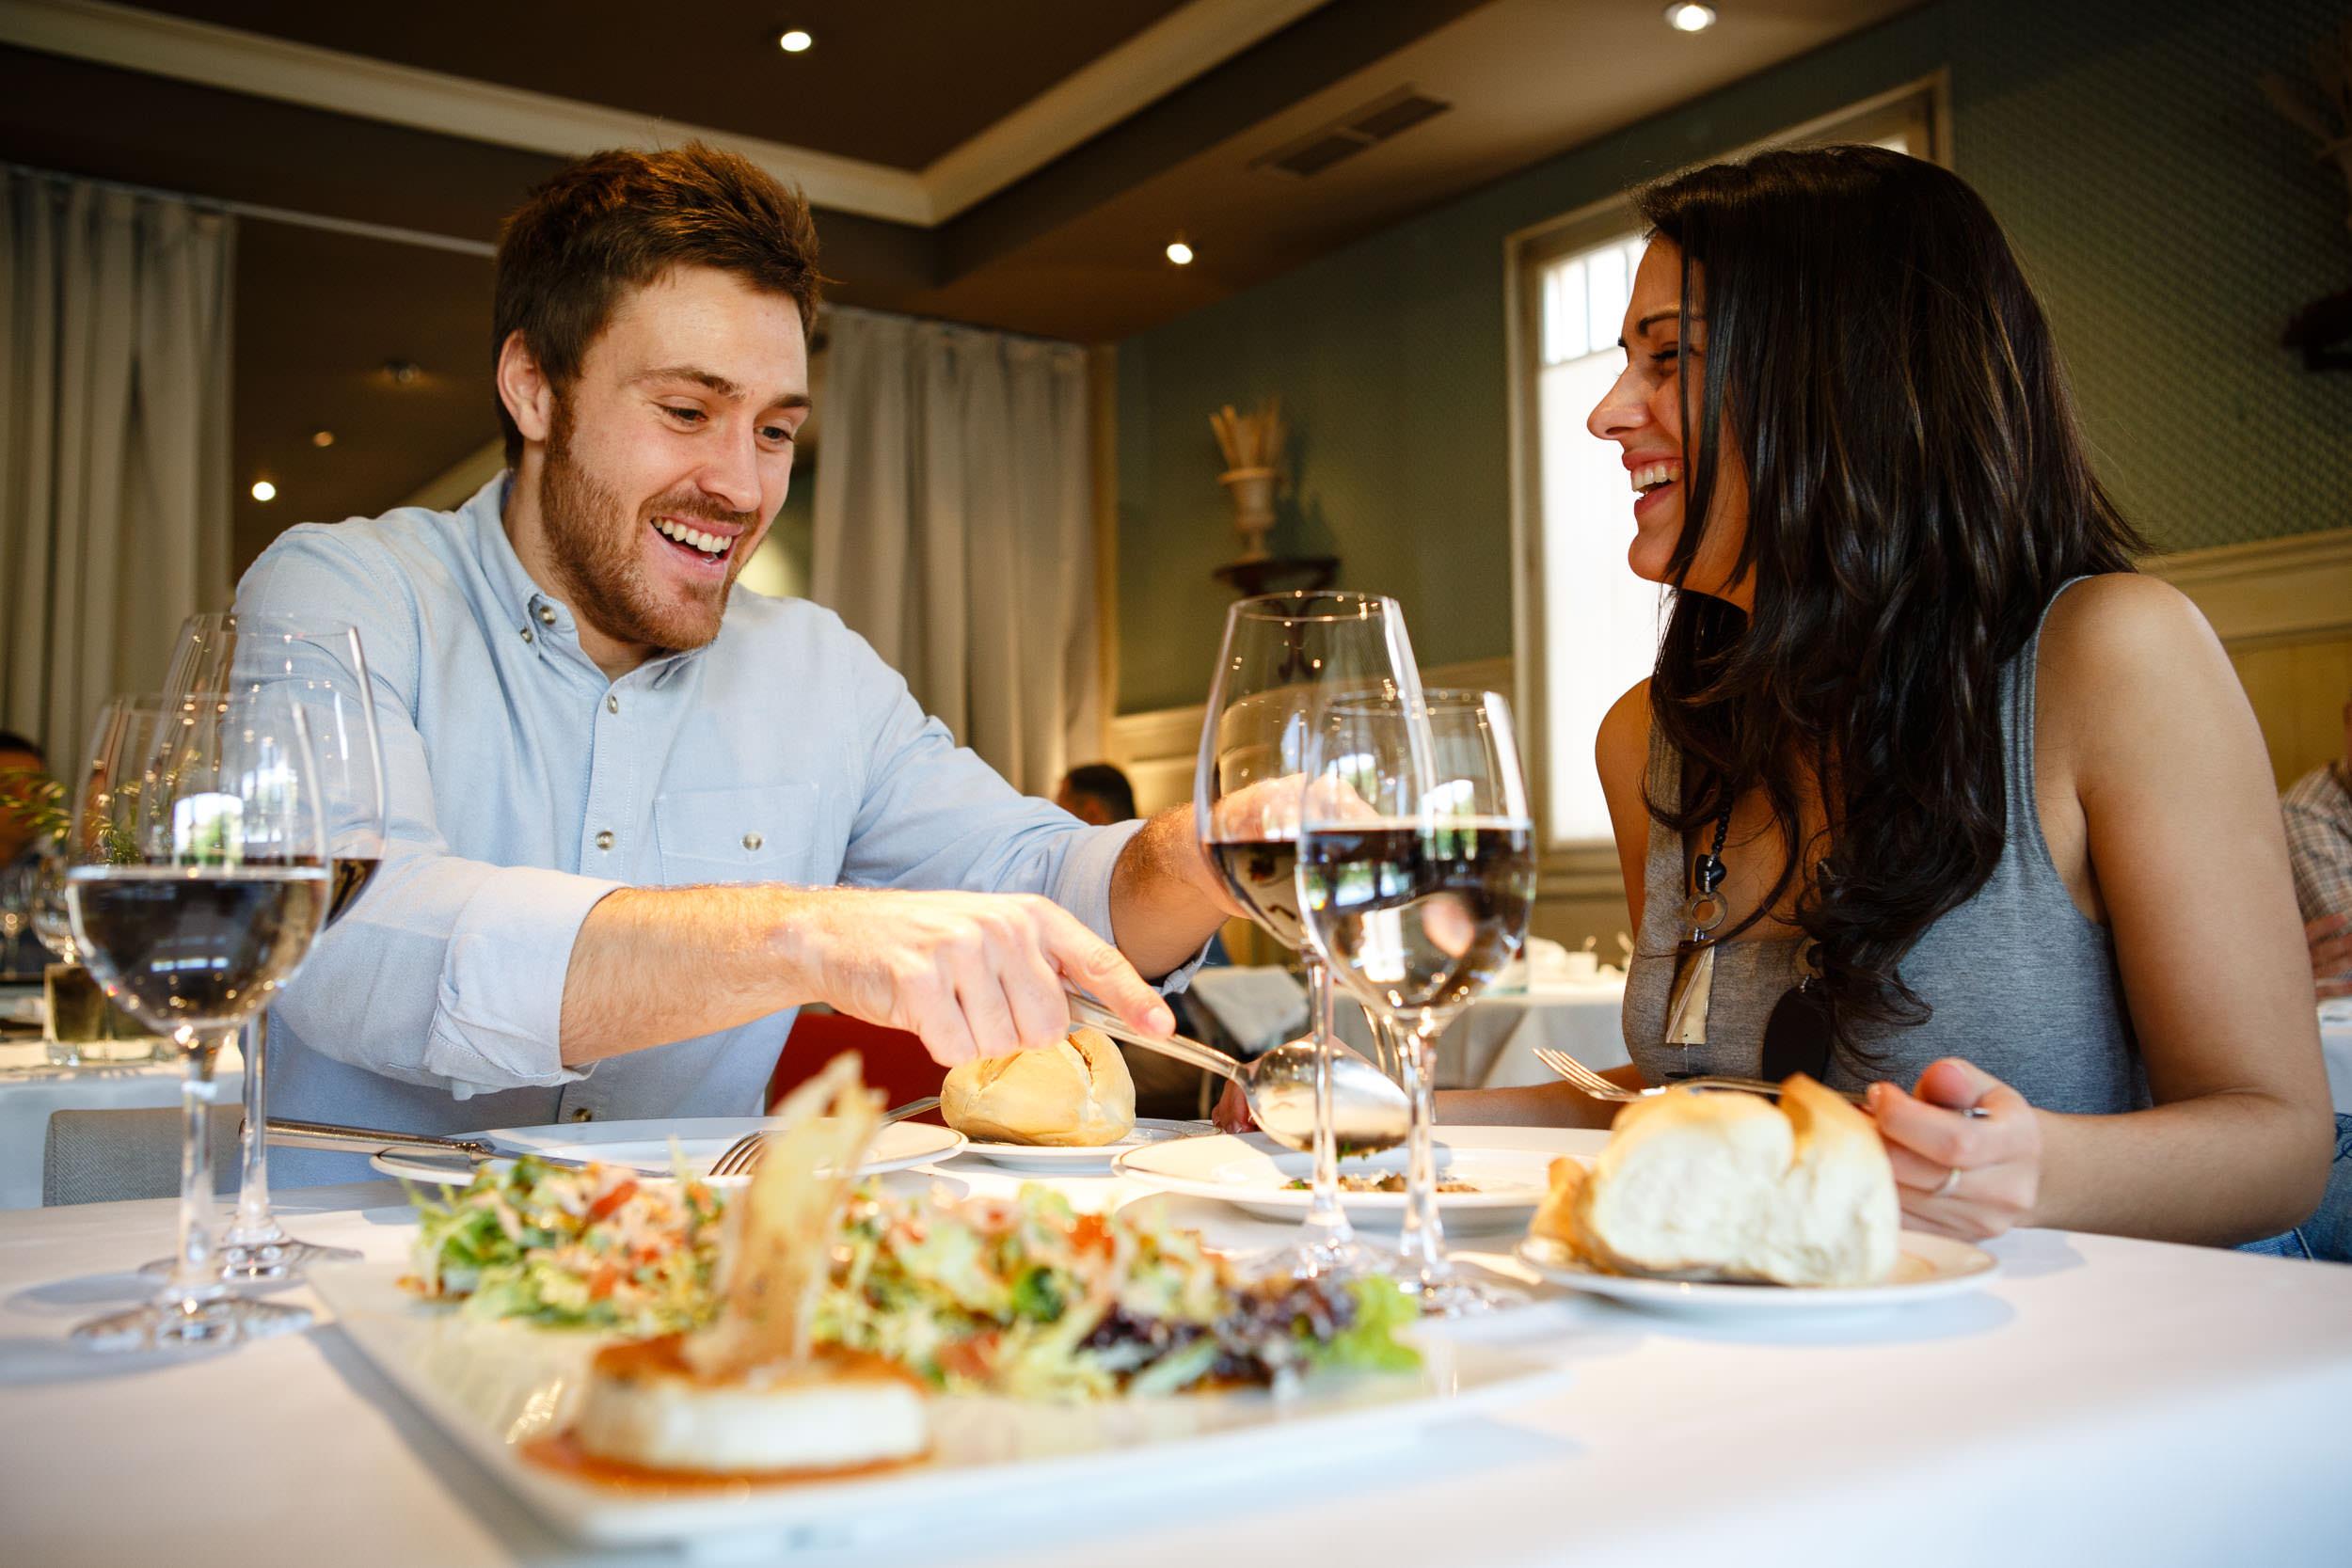 Fotografia Comercial La Rioja España | Hotel Echaurren Ezcaray - James Sturcke  Photographer | sturcke.org_006.jpg